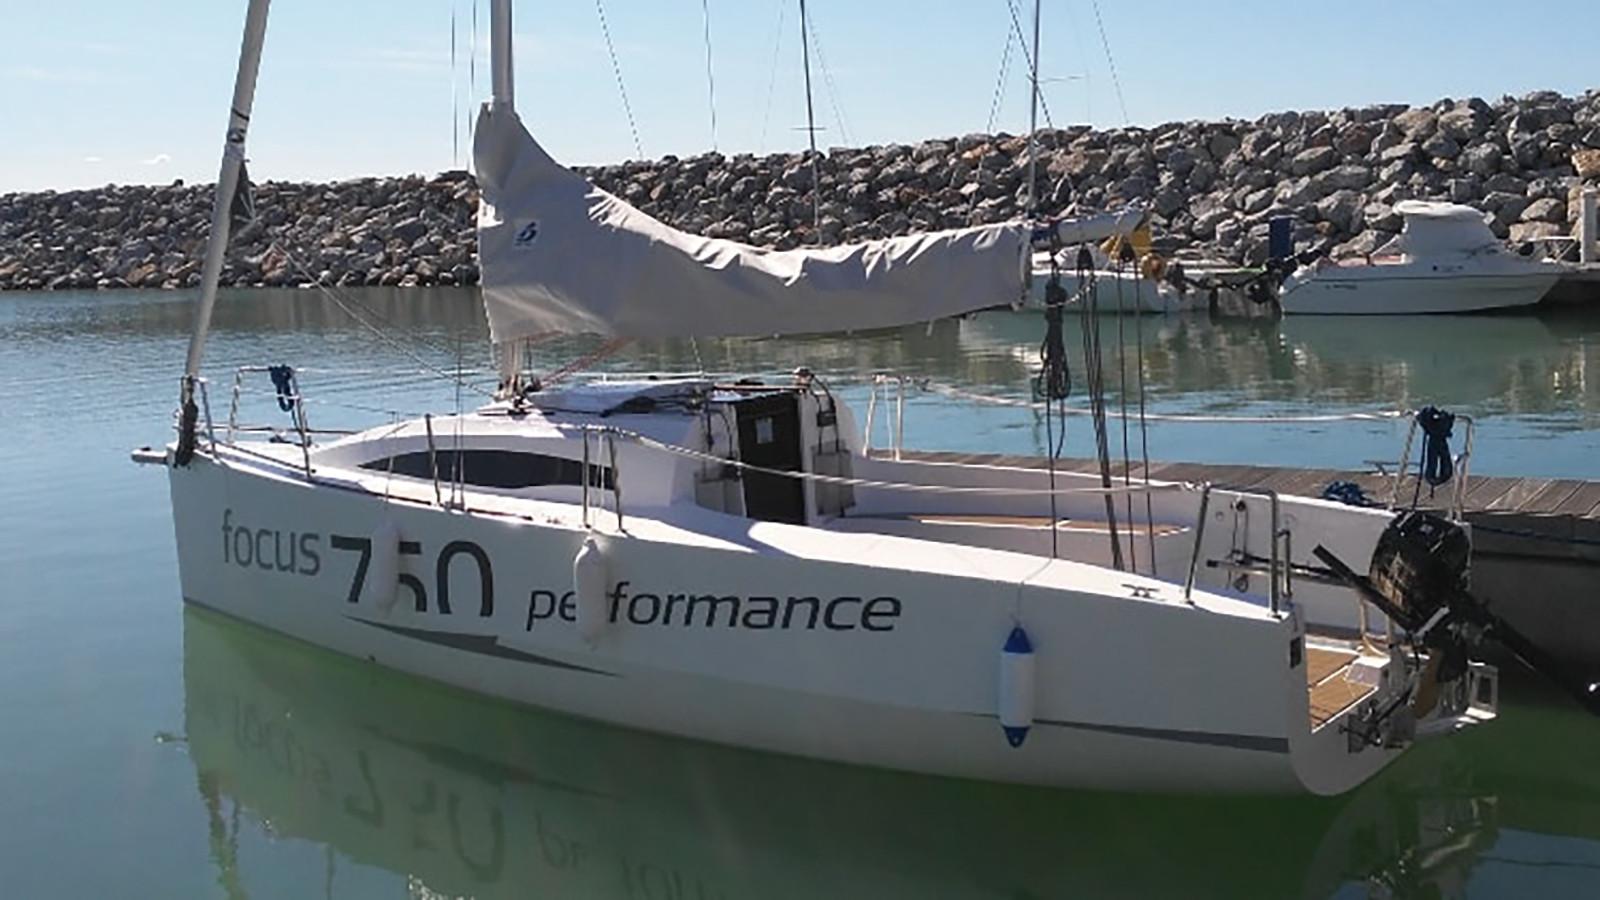 Focus 750 performance - 26